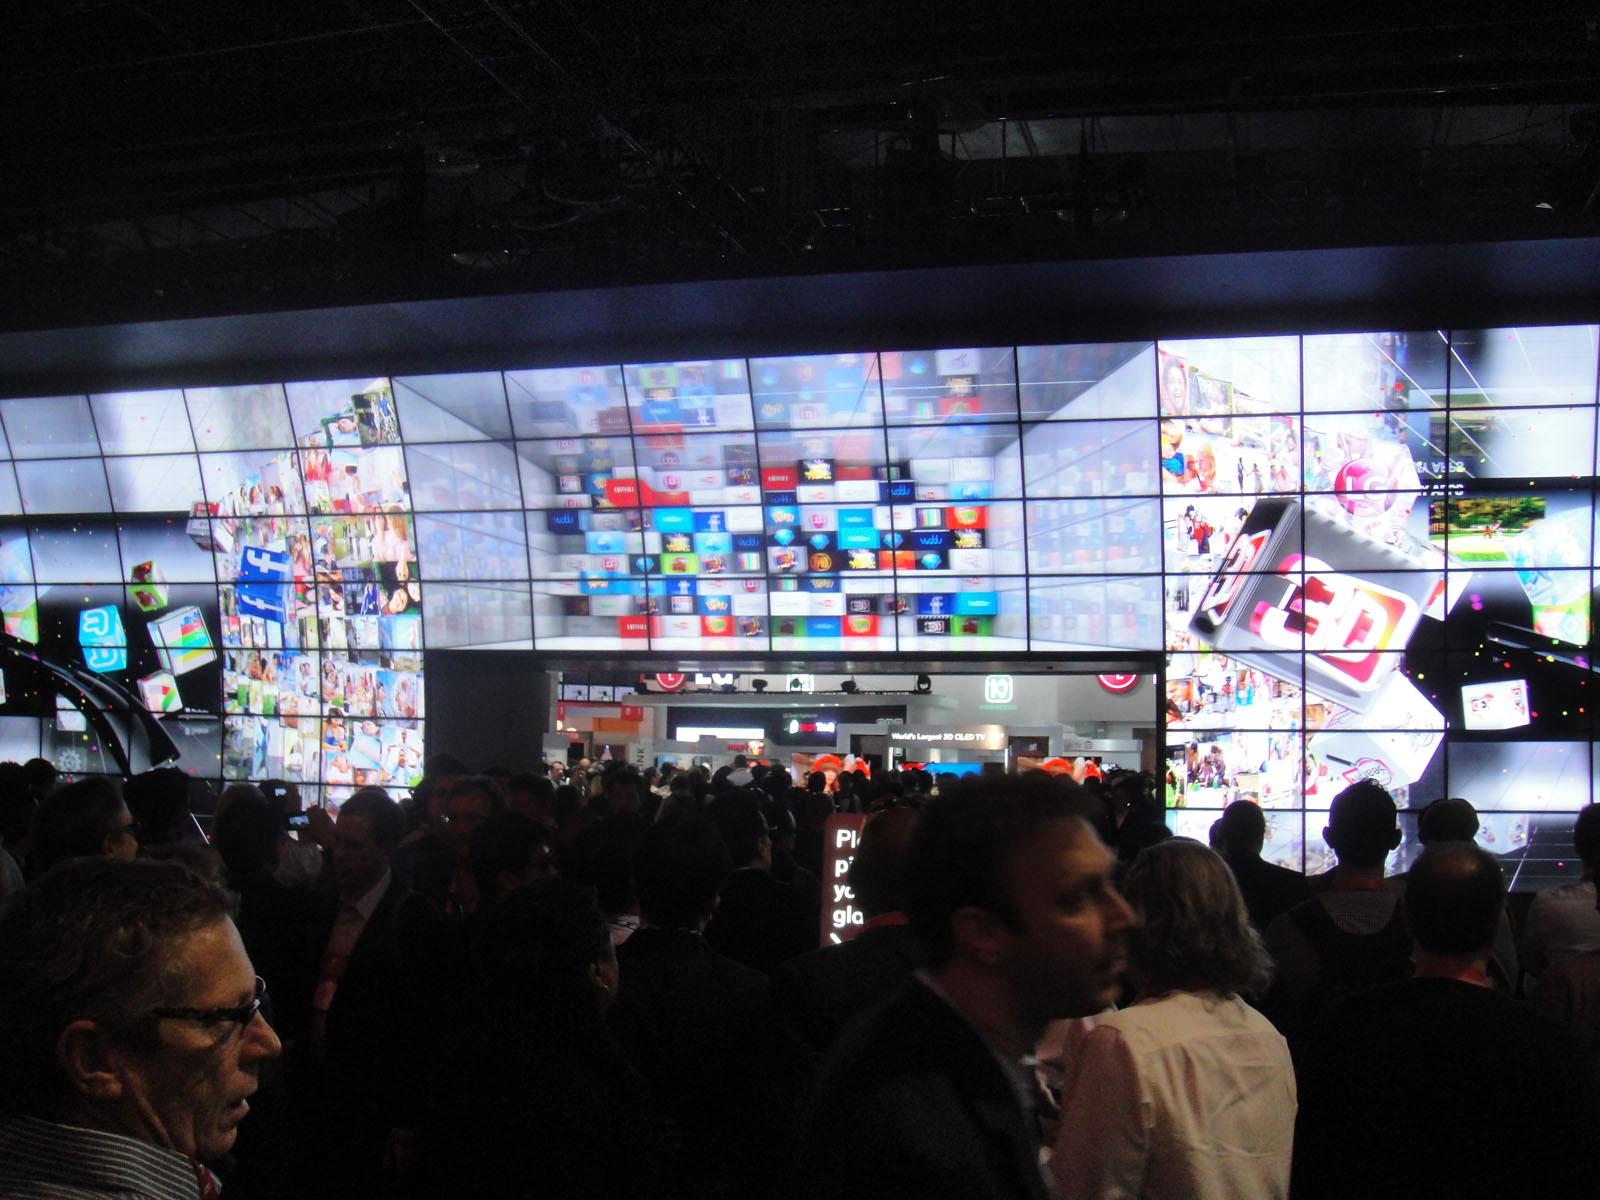 Video Walls at Tradeshows - CES 2012 LG